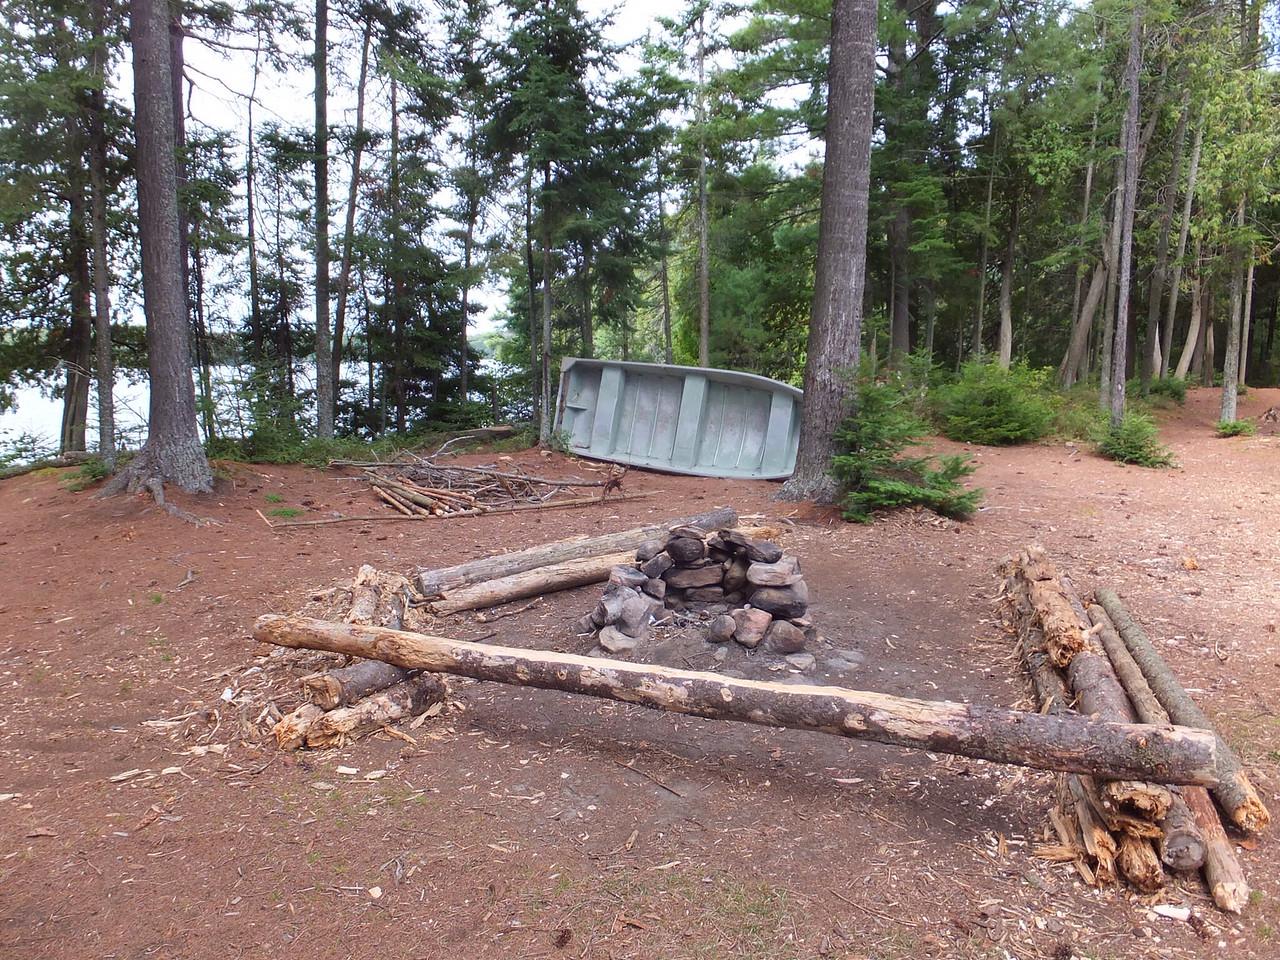 Campsite needs a make-over